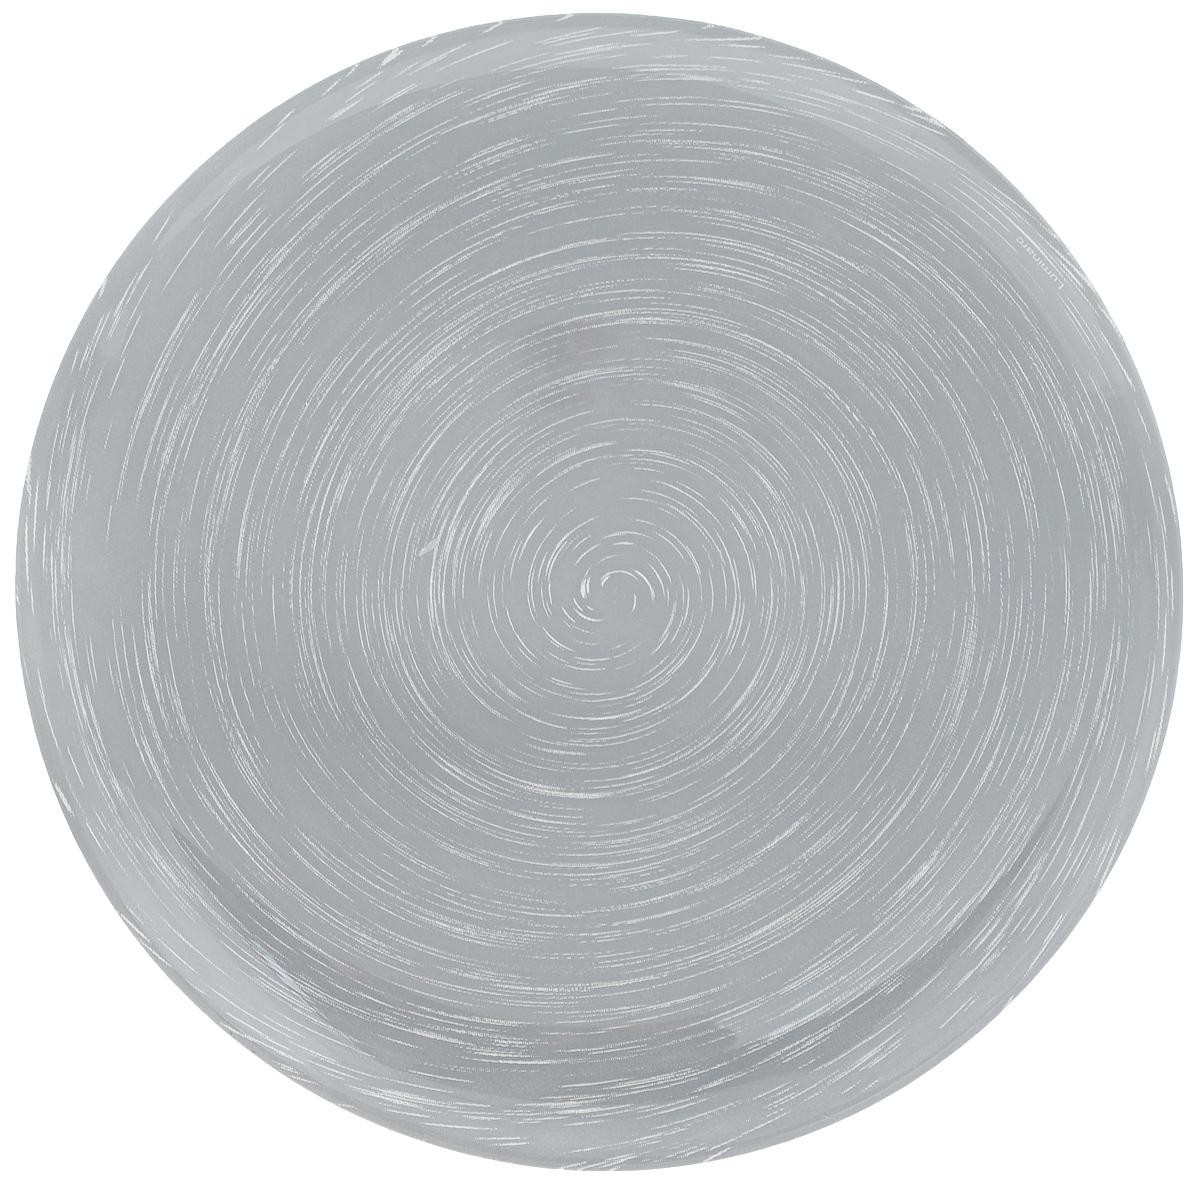 Тарелка десертная Luminarc Stonemania Grey, диаметр 20,5 смH3547Десертная тарелка Luminarc Stonemania Grey, изготовленная из ударопрочного стекла, имеет изысканный внешний вид. Такая тарелка прекрасно подходит как для торжественных случаев, так и для повседневного использования. Идеальна для подачи десертов, пирожных, тортов и многого другого. Она прекрасно оформит стол и станет отличным дополнением к вашей коллекции кухонной посуды.